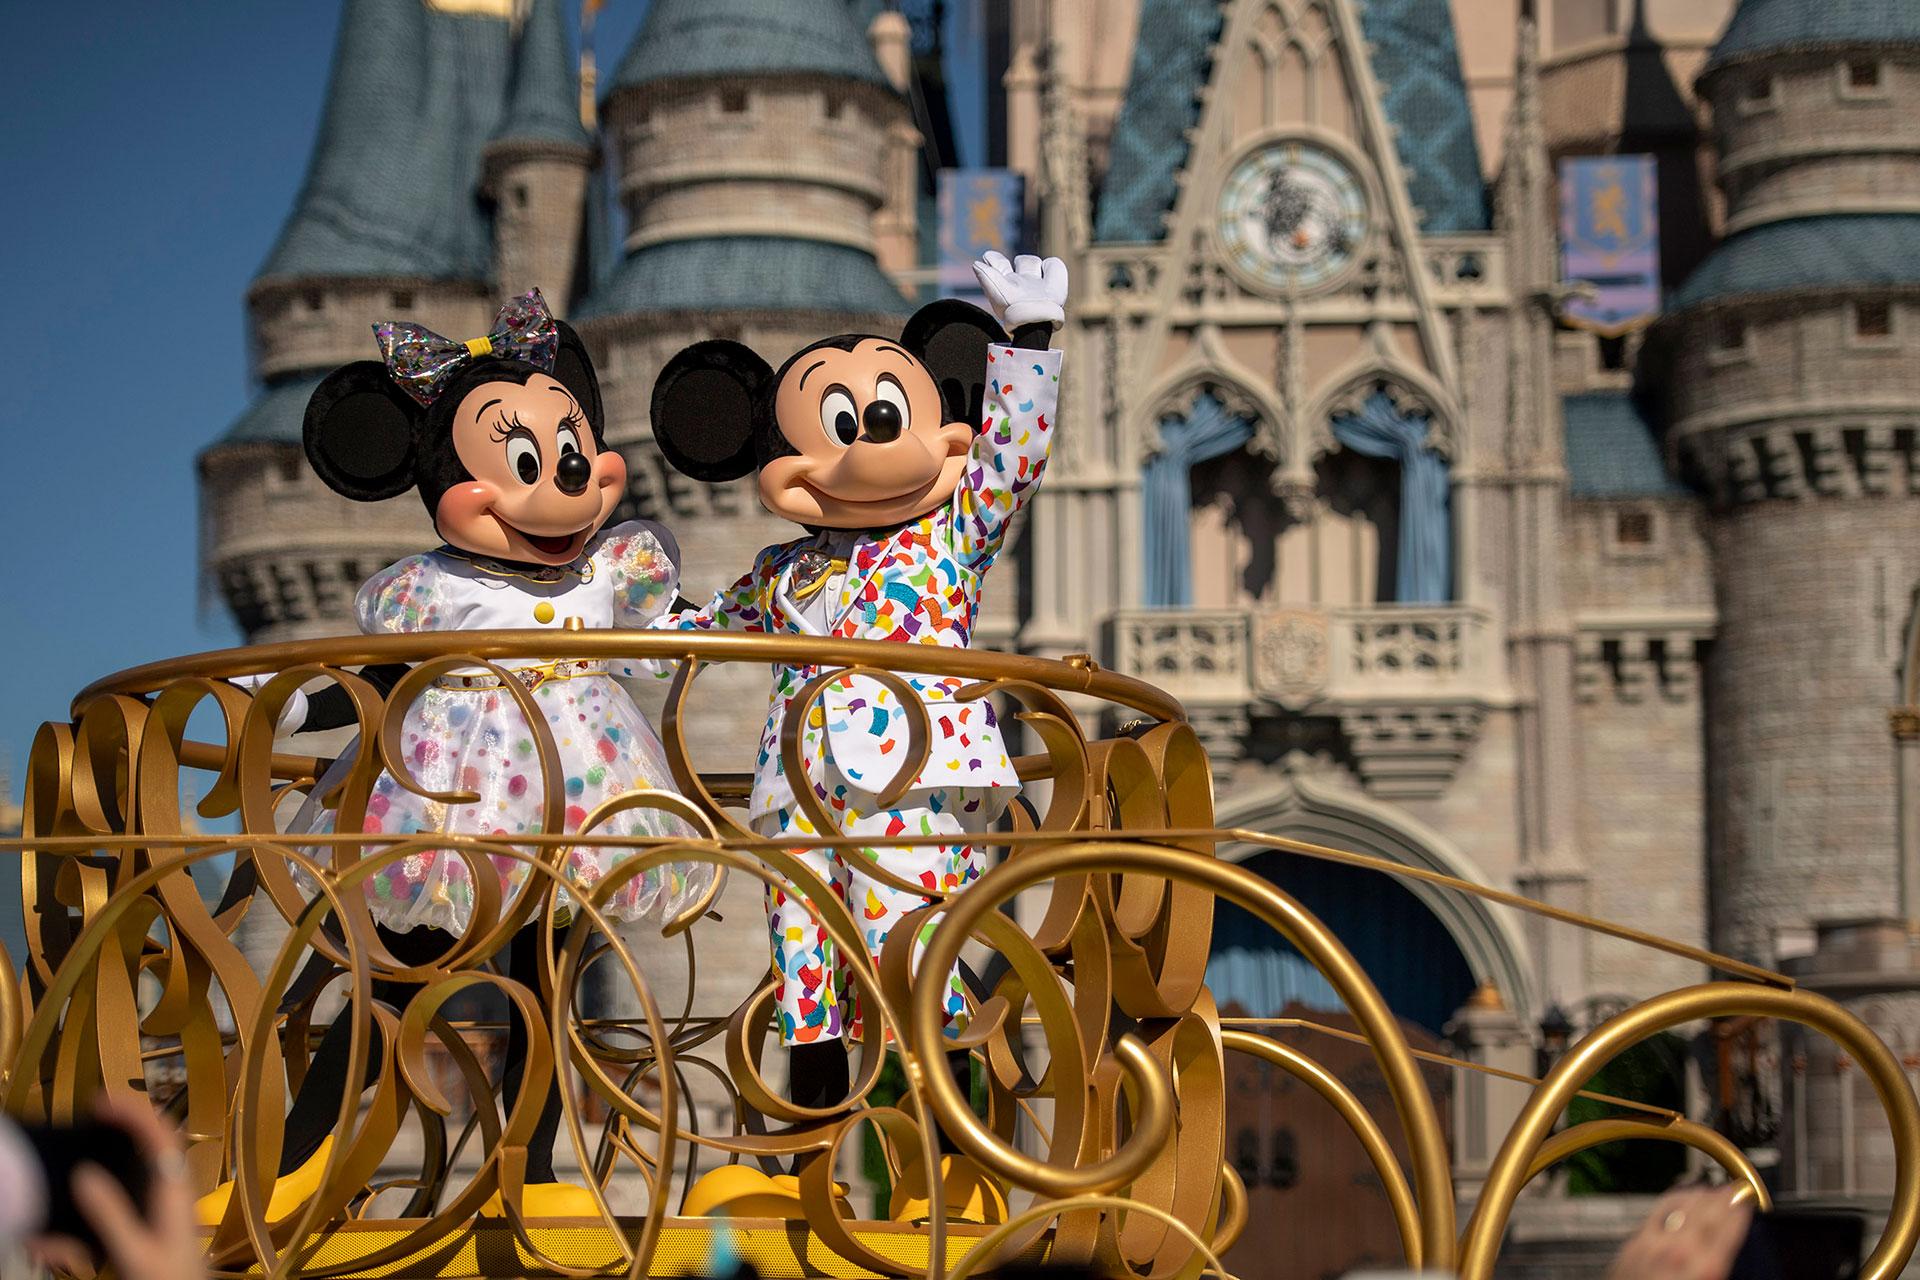 Mickey and Minnie at Disney's Magic Kingdom; Courtesy of Disney